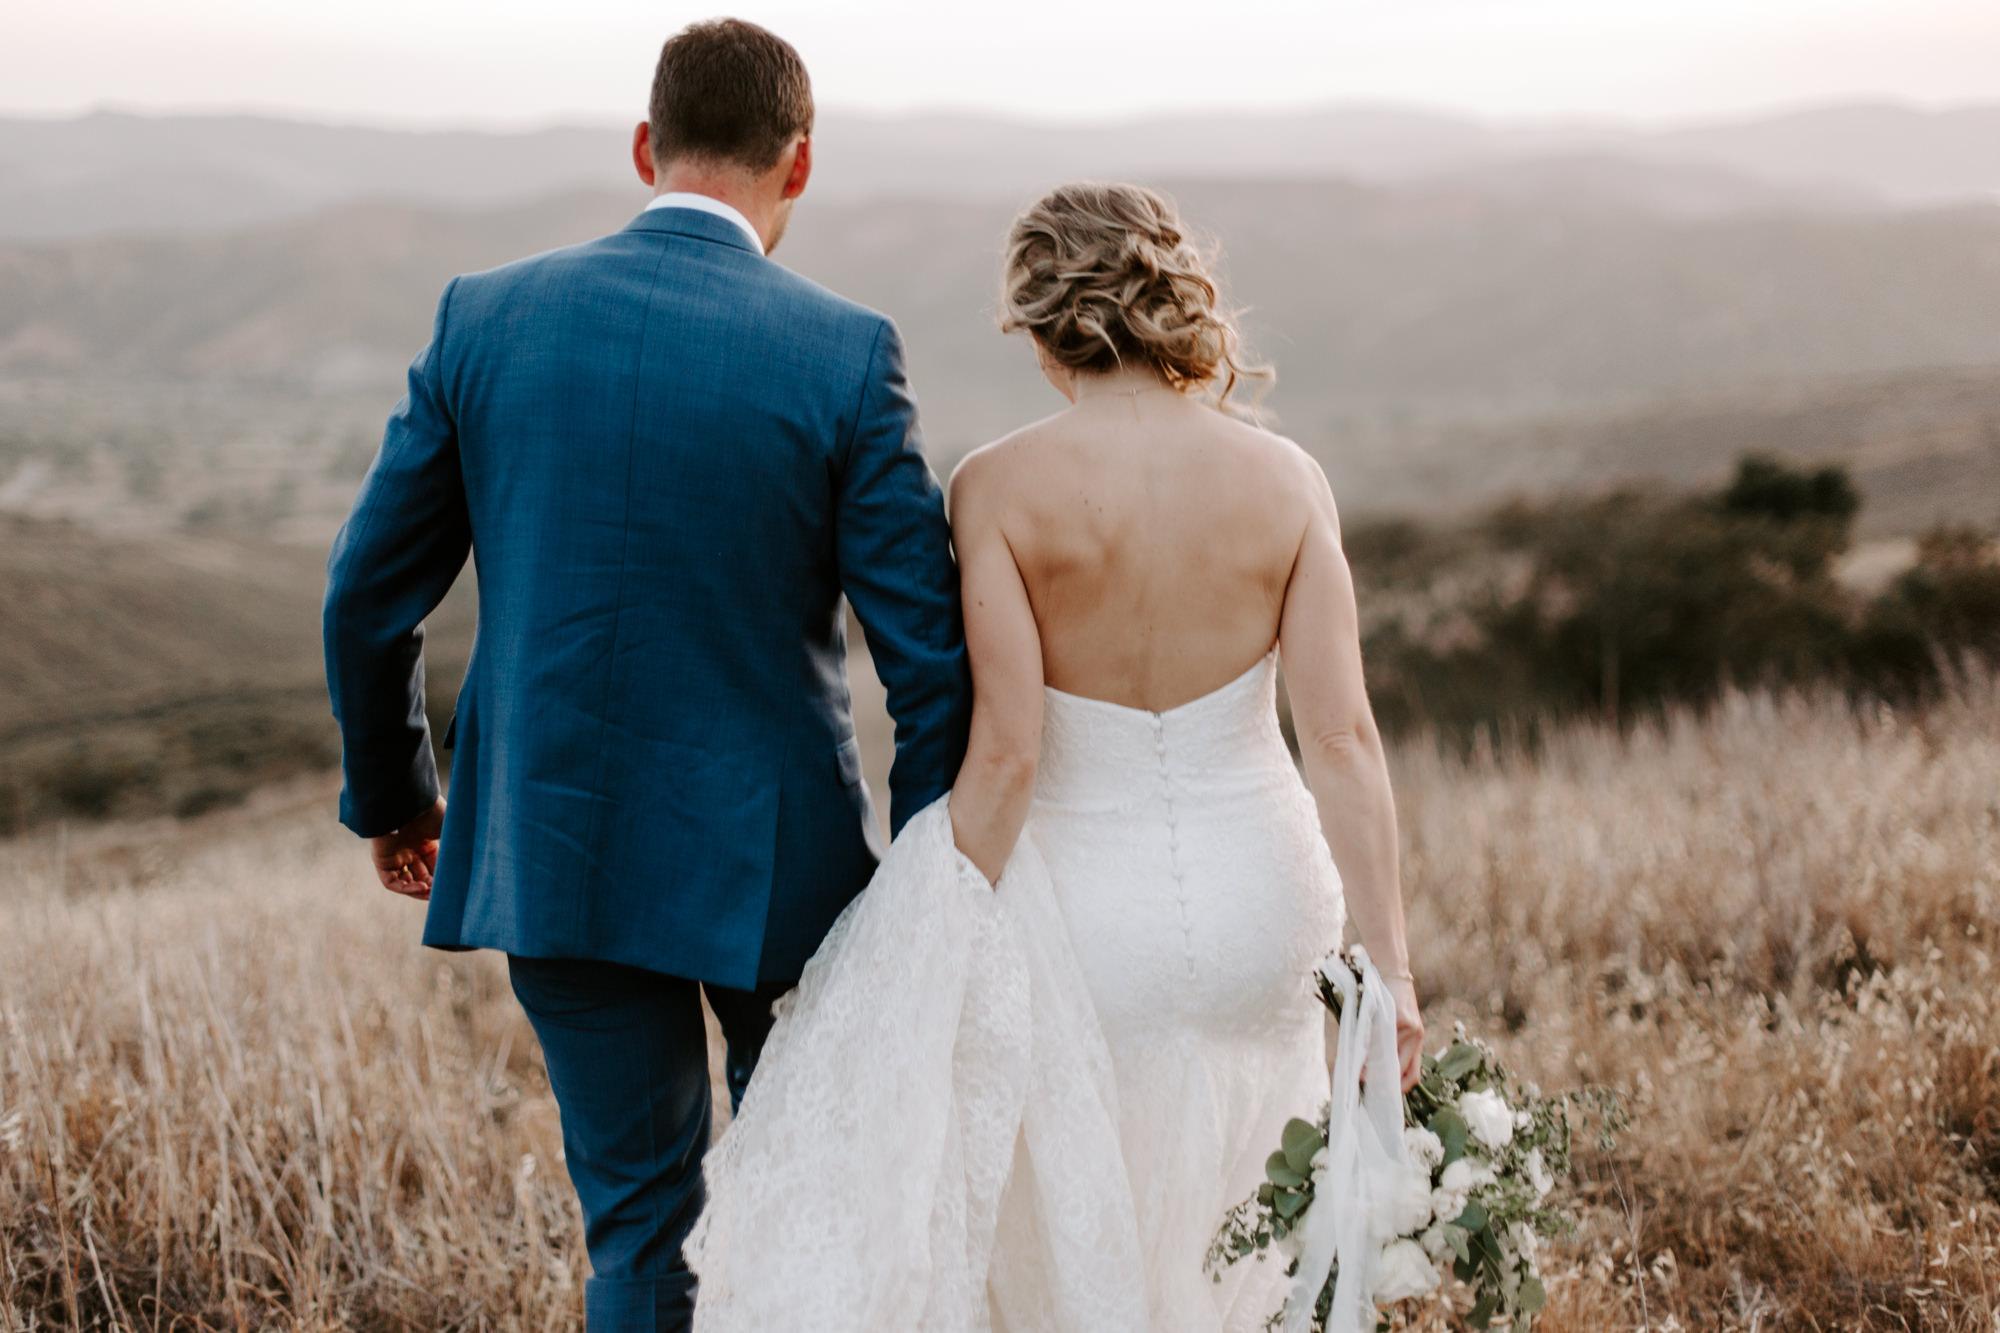 San Diego Wedding photography in Silverado Backyard Wedding070.jpg